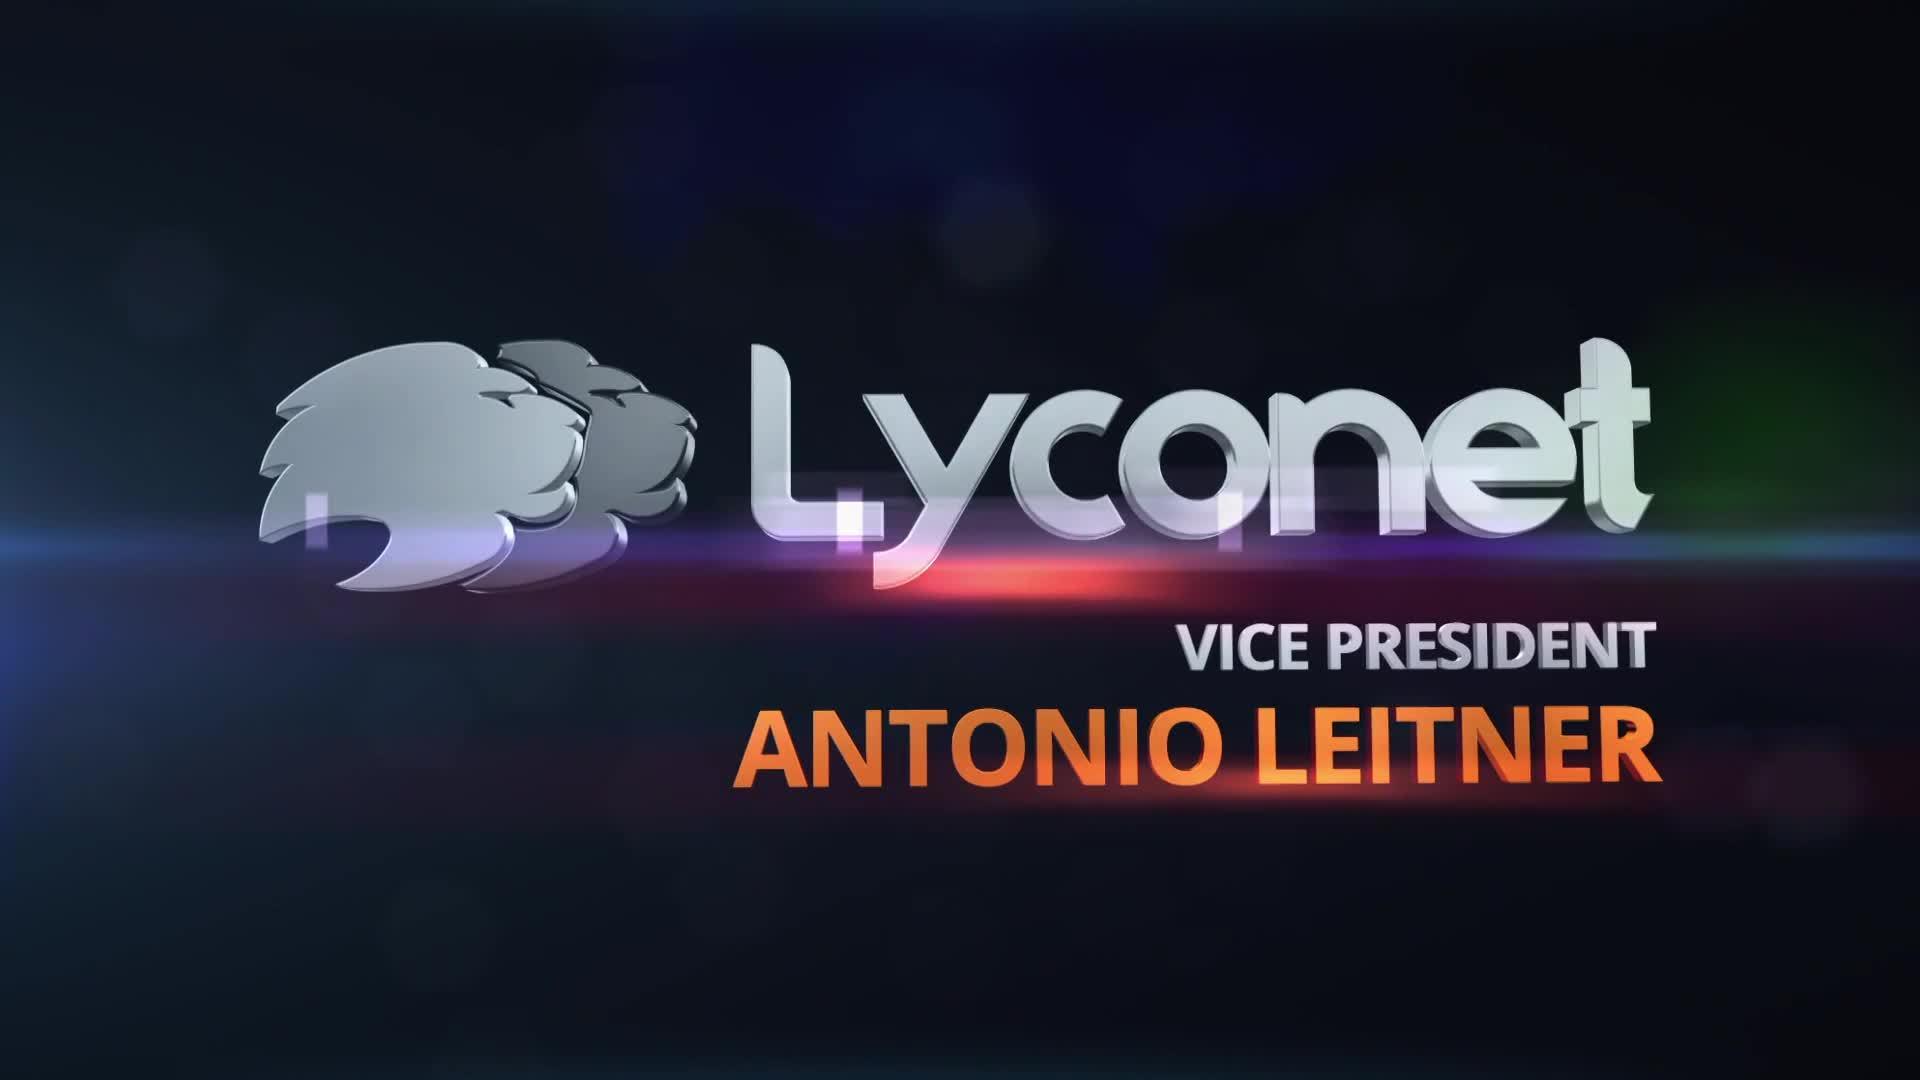 Vice President - Antonio Leitner